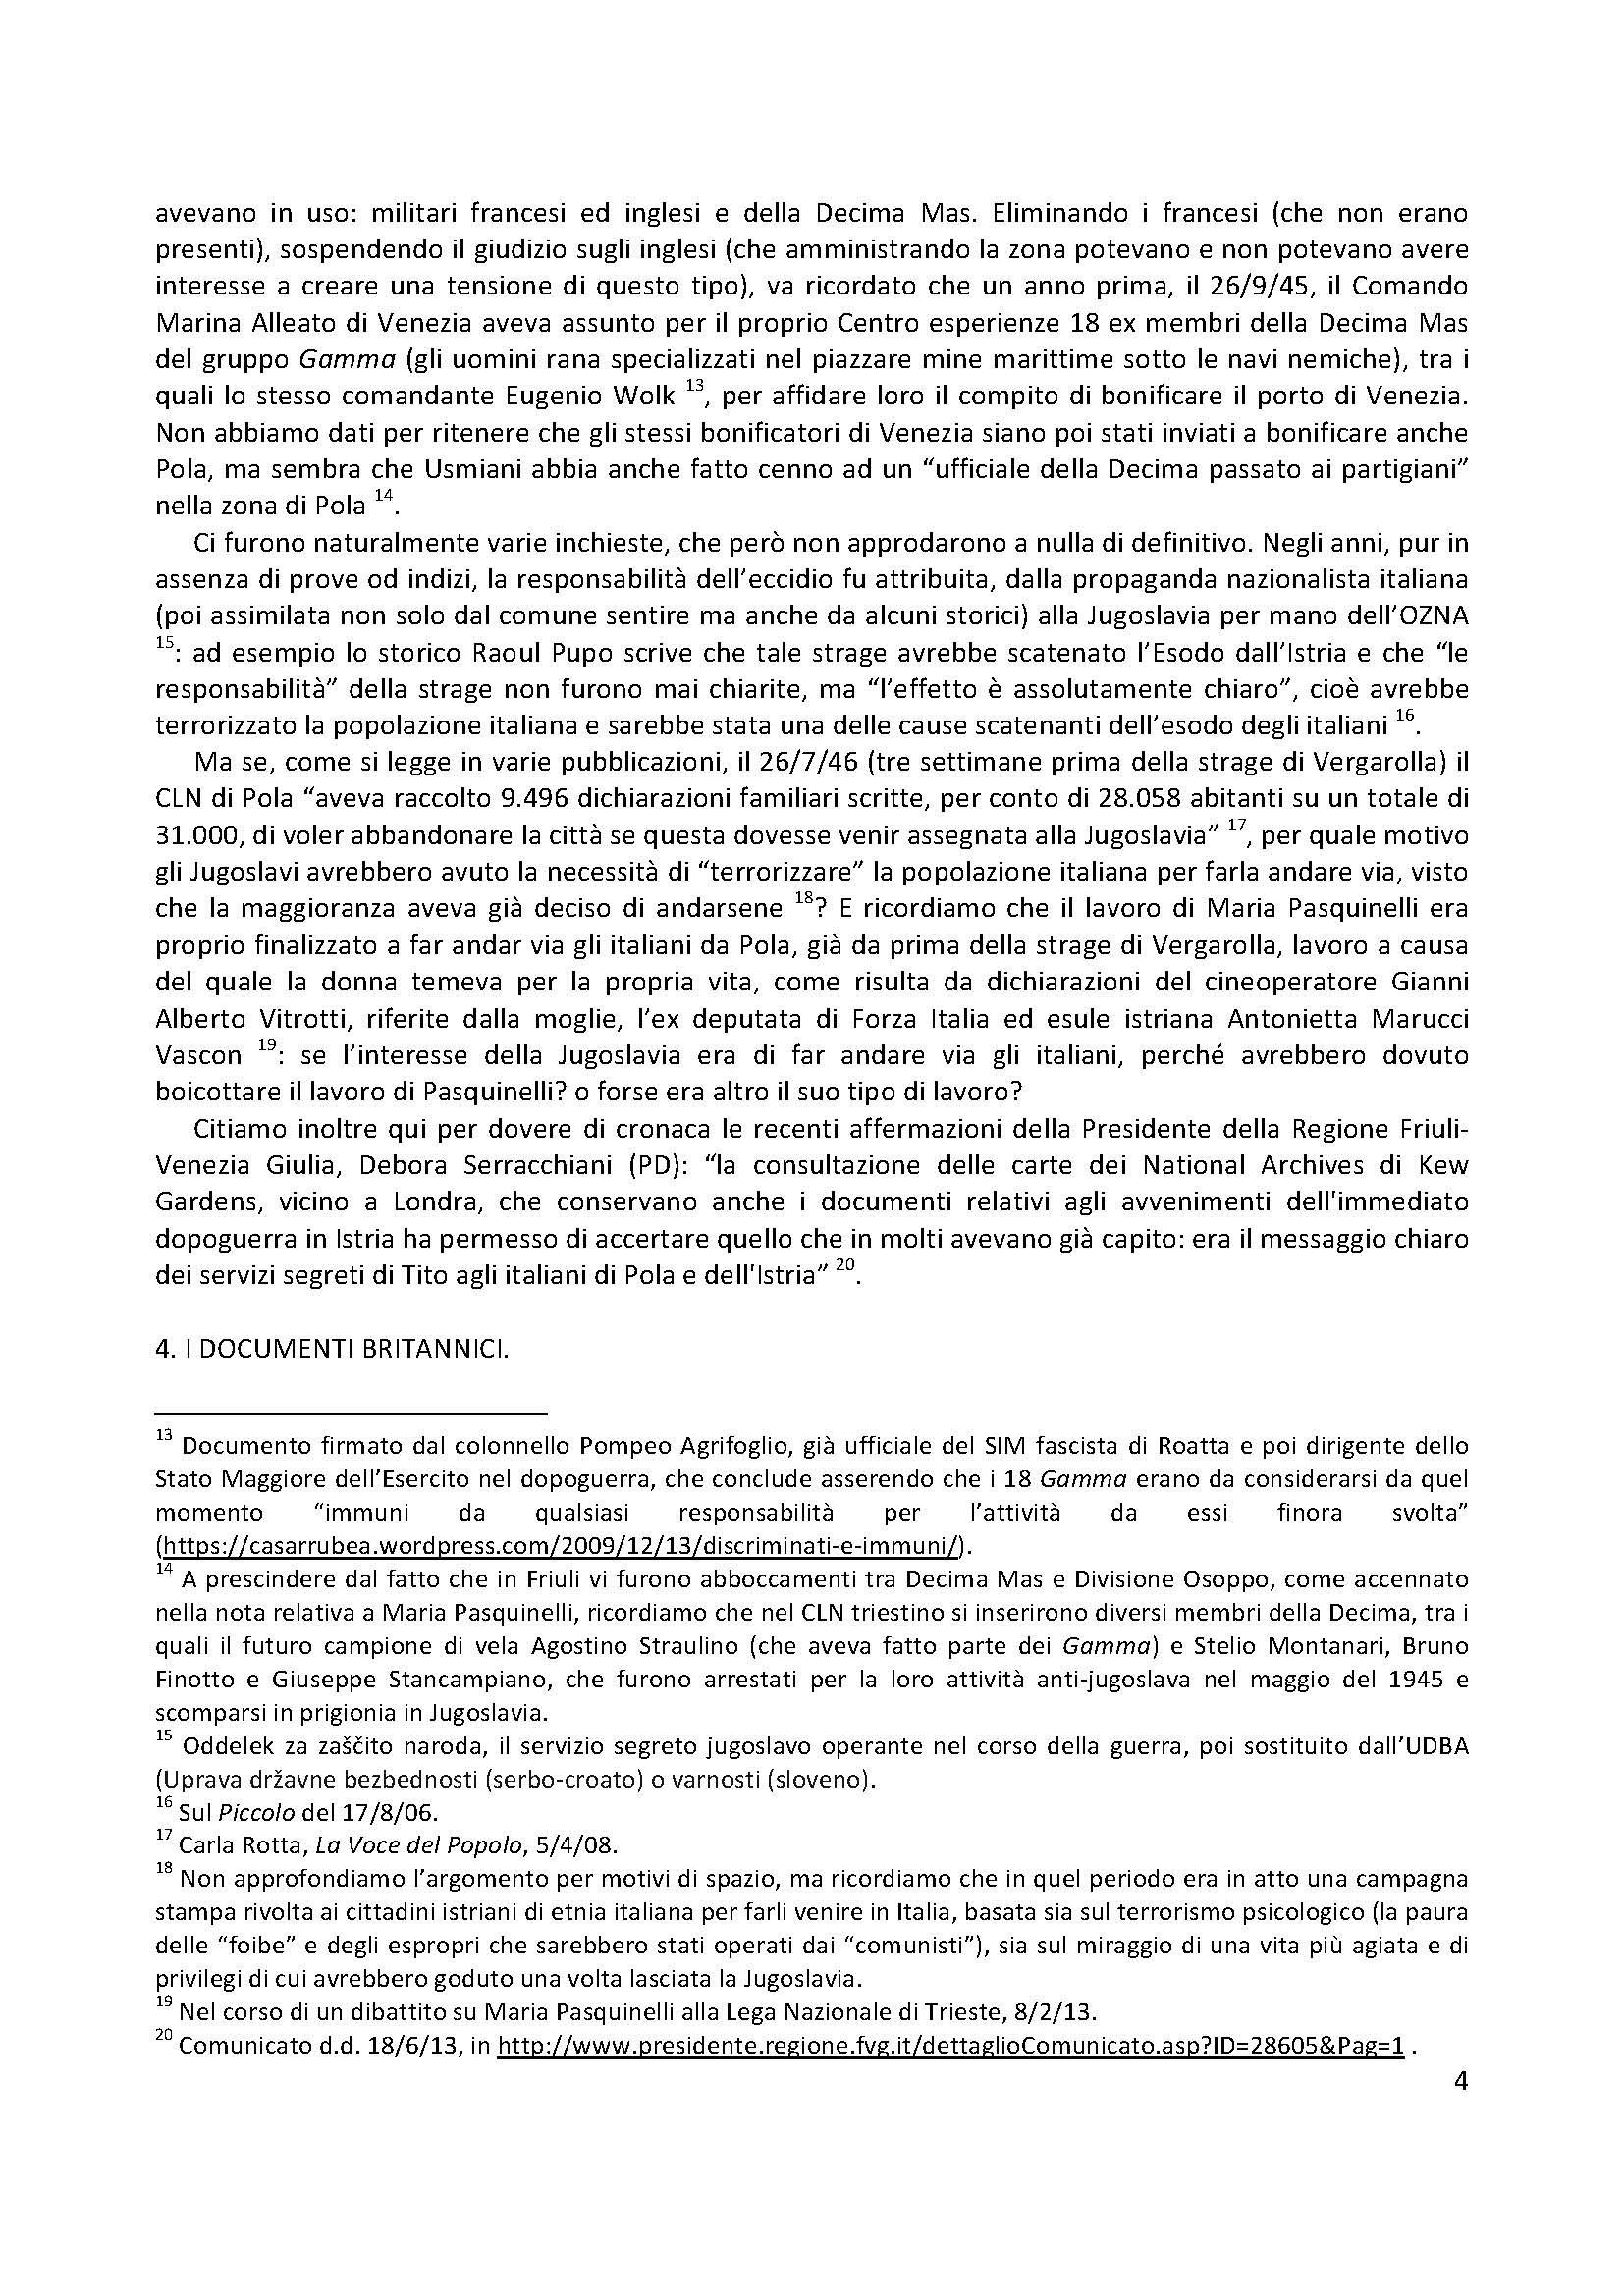 STRATEGIA-DELLA-TENSIONE-IN-ISTRIA (1)_Page_4